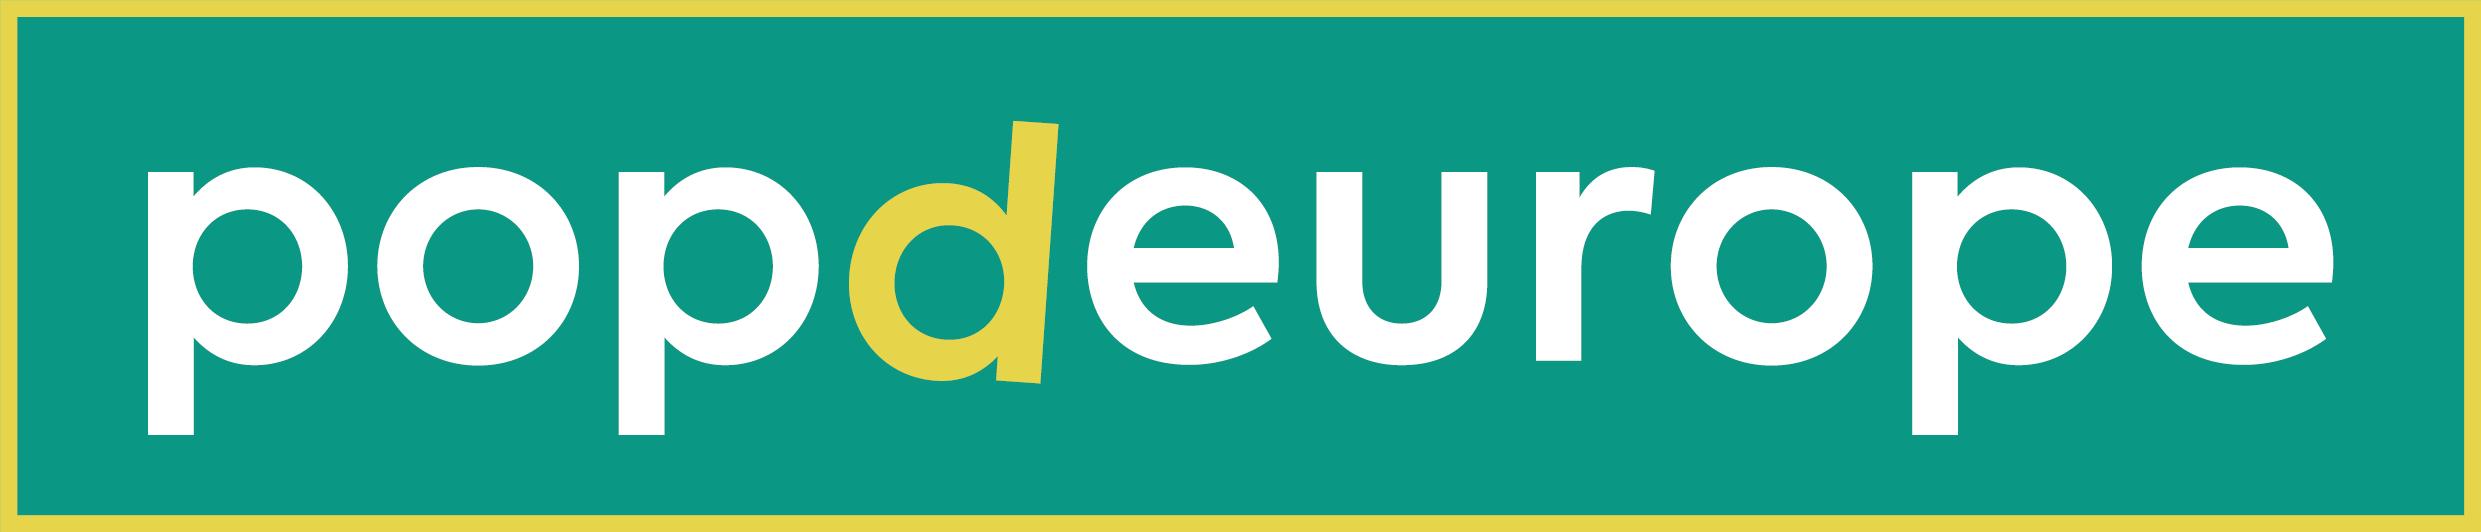 popdeurope | buero doering - Fachhandel für Ereignisse